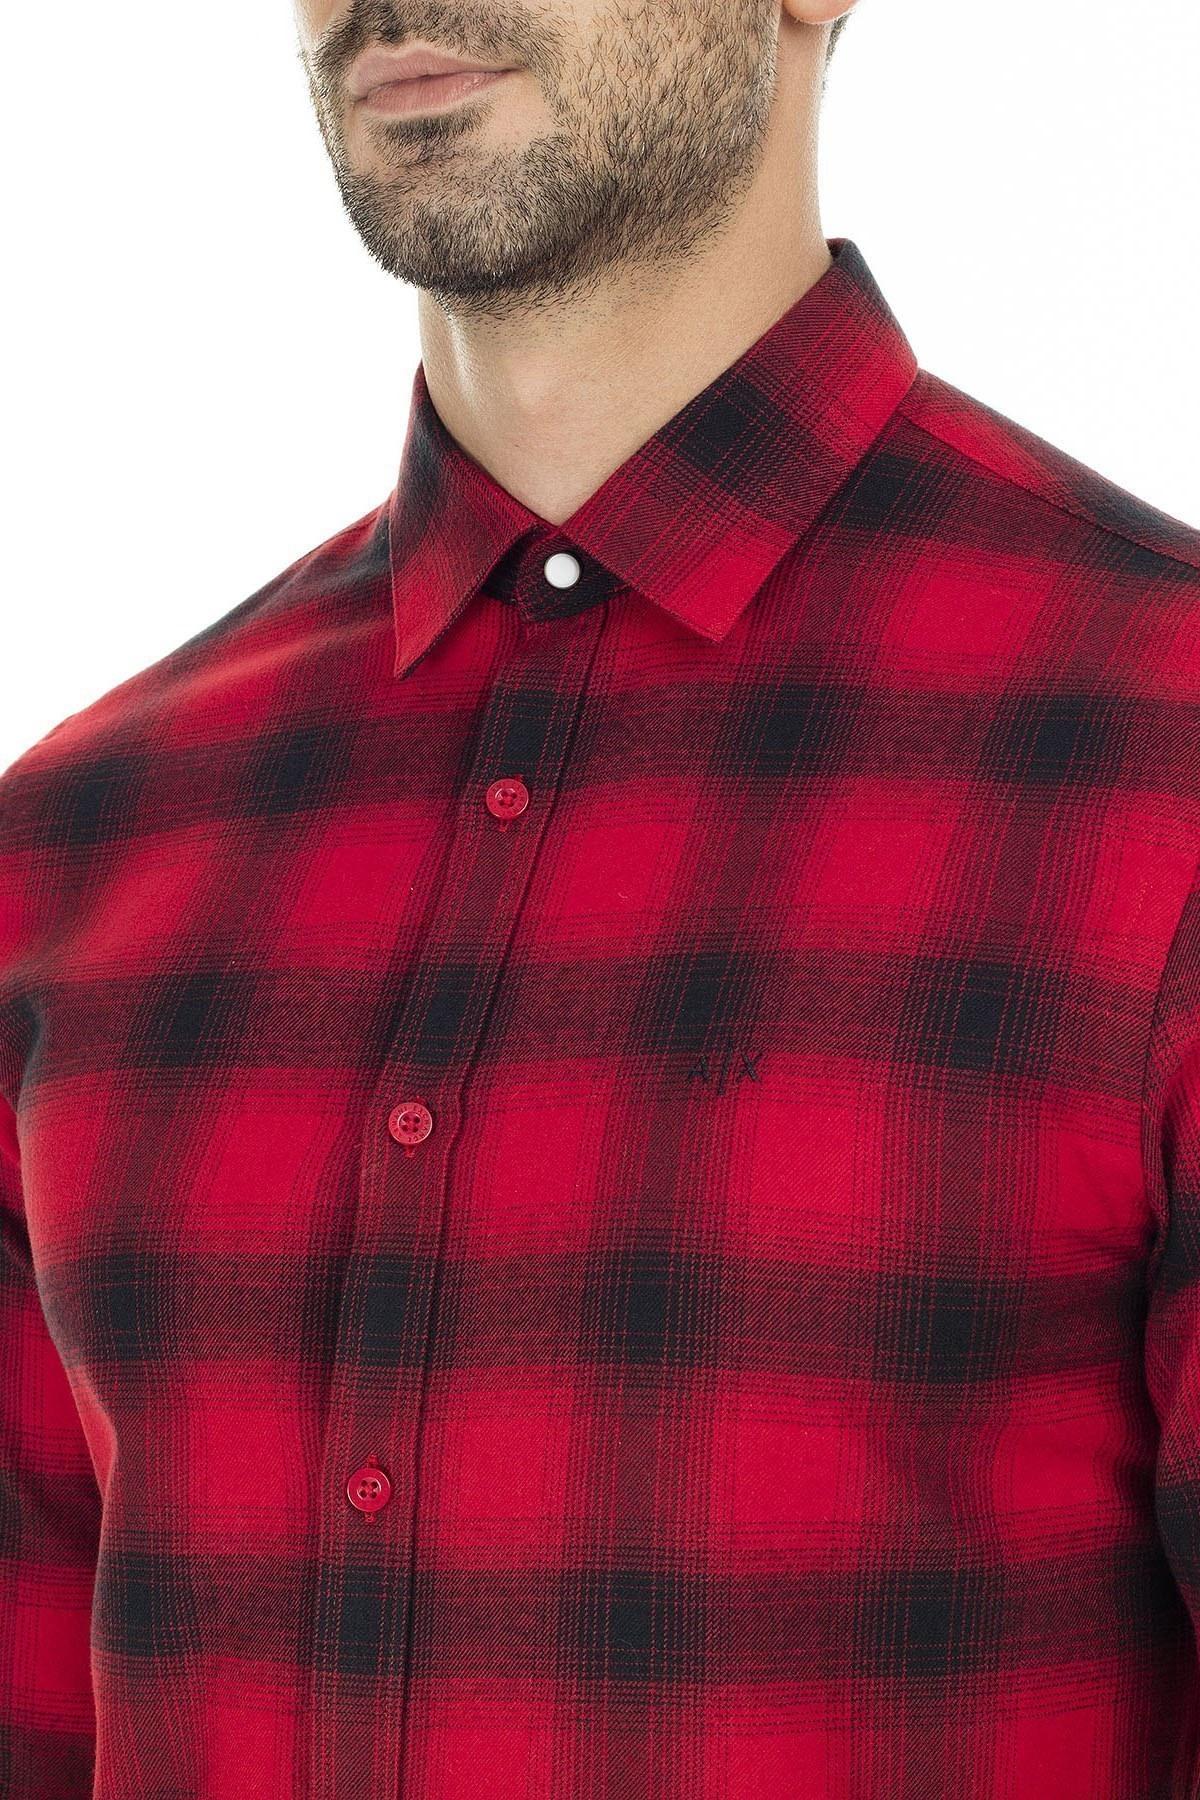 Armani Exchange Arkası Baskılı % 100 Pamuk Regular Fit Kareli Erkek Gömlek 6GZC27 ZNMEZ 5430 KIRMIZI